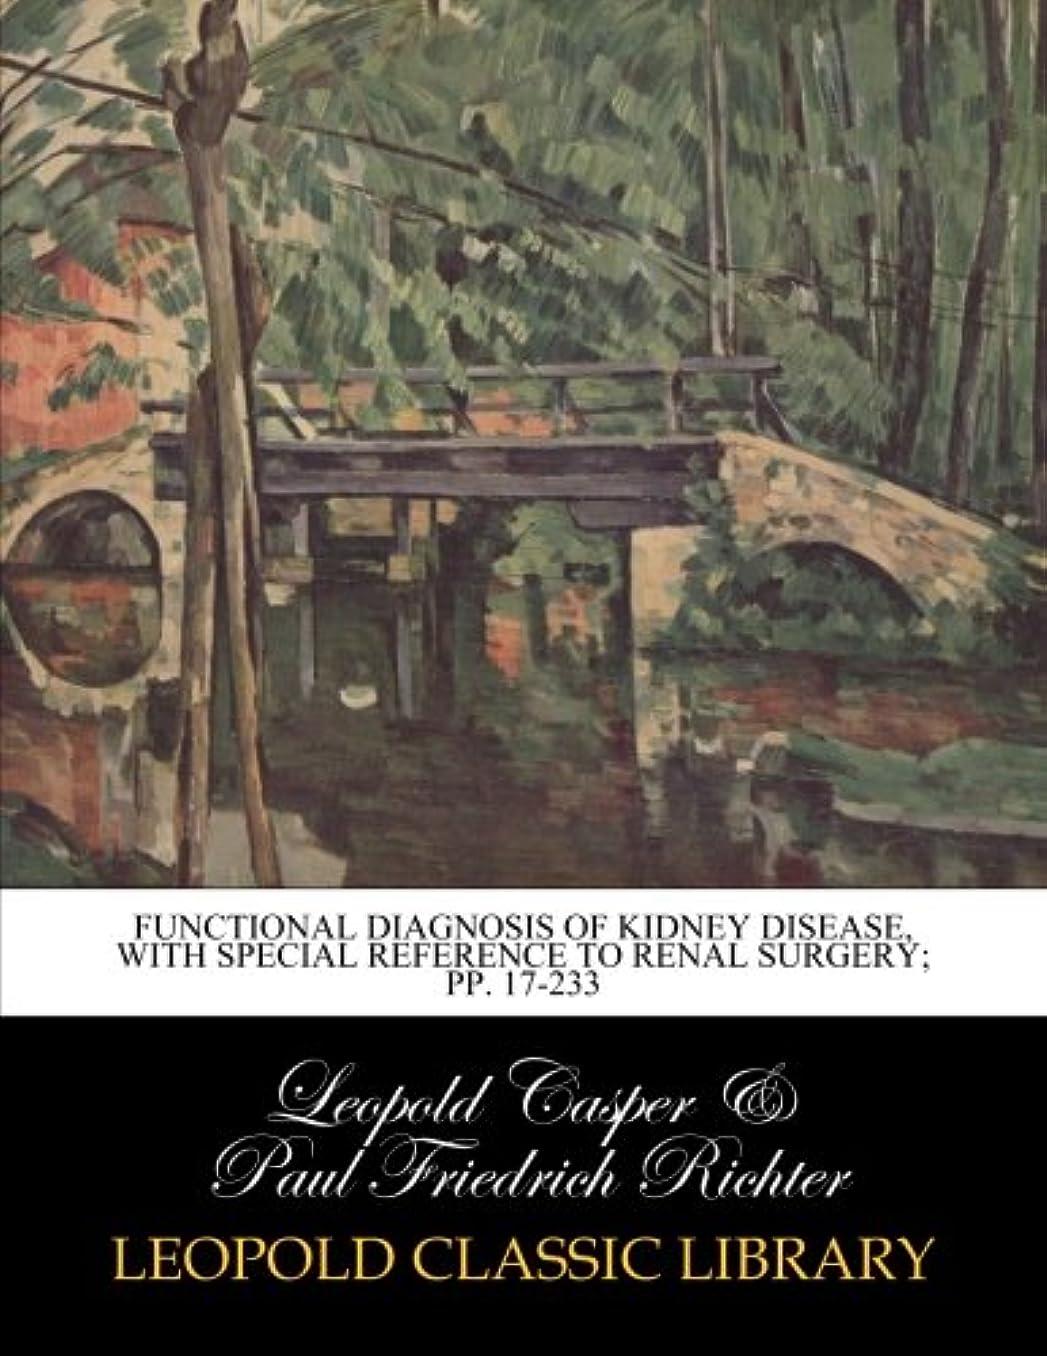 あごひげ膨らませるエイズFunctional diagnosis of kidney disease, with special reference to renal surgery; pp. 17-233